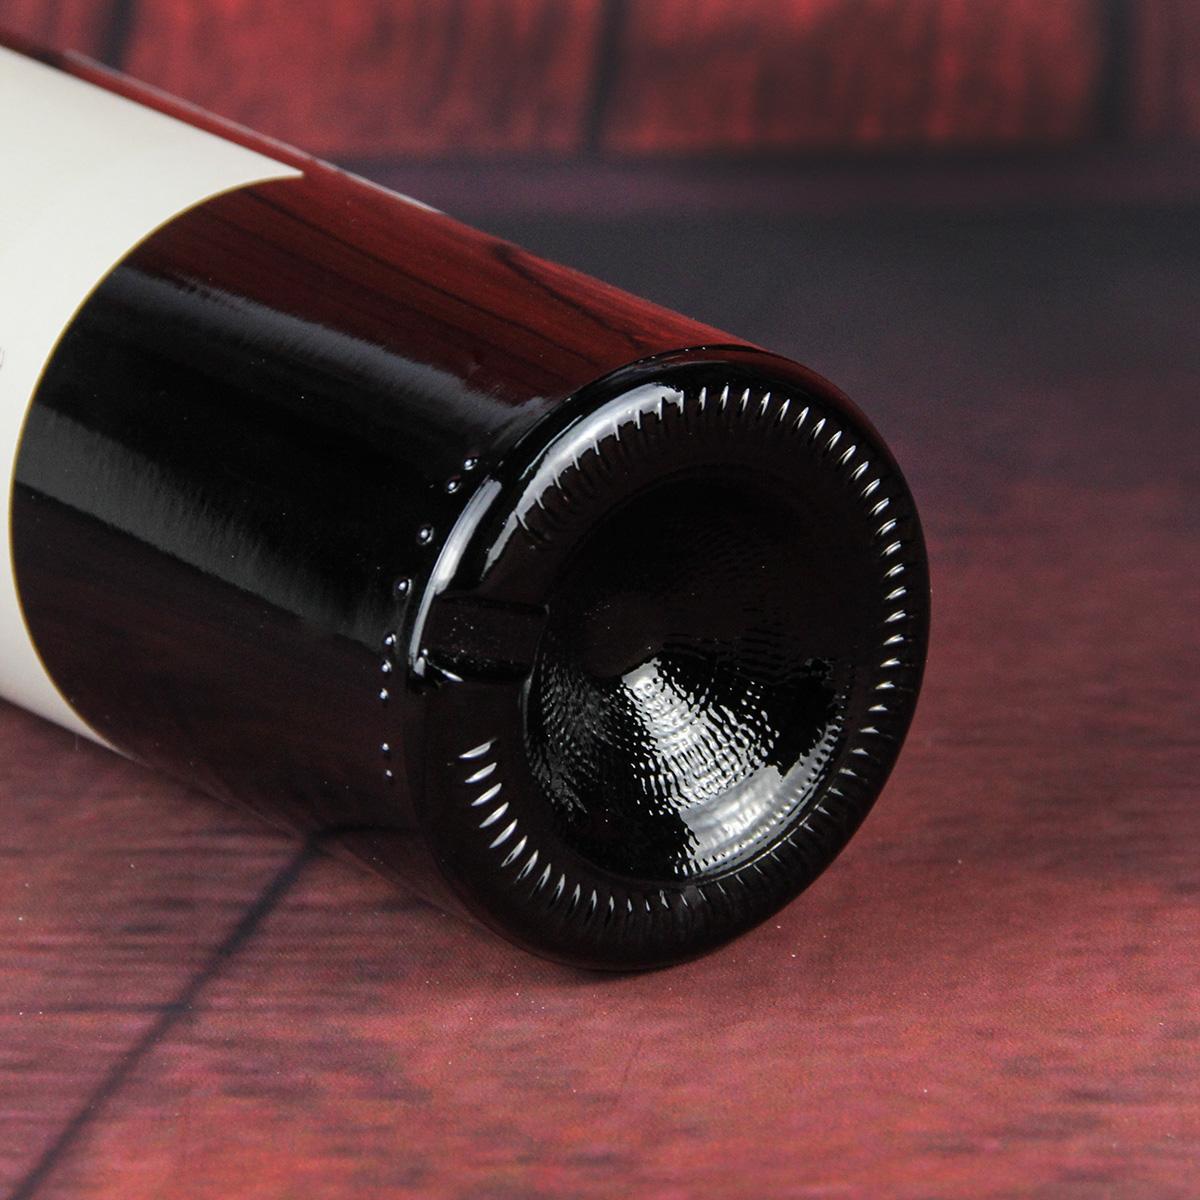 南非西开普奥曼迪酒庄马尔贝克巴森干红葡萄酒